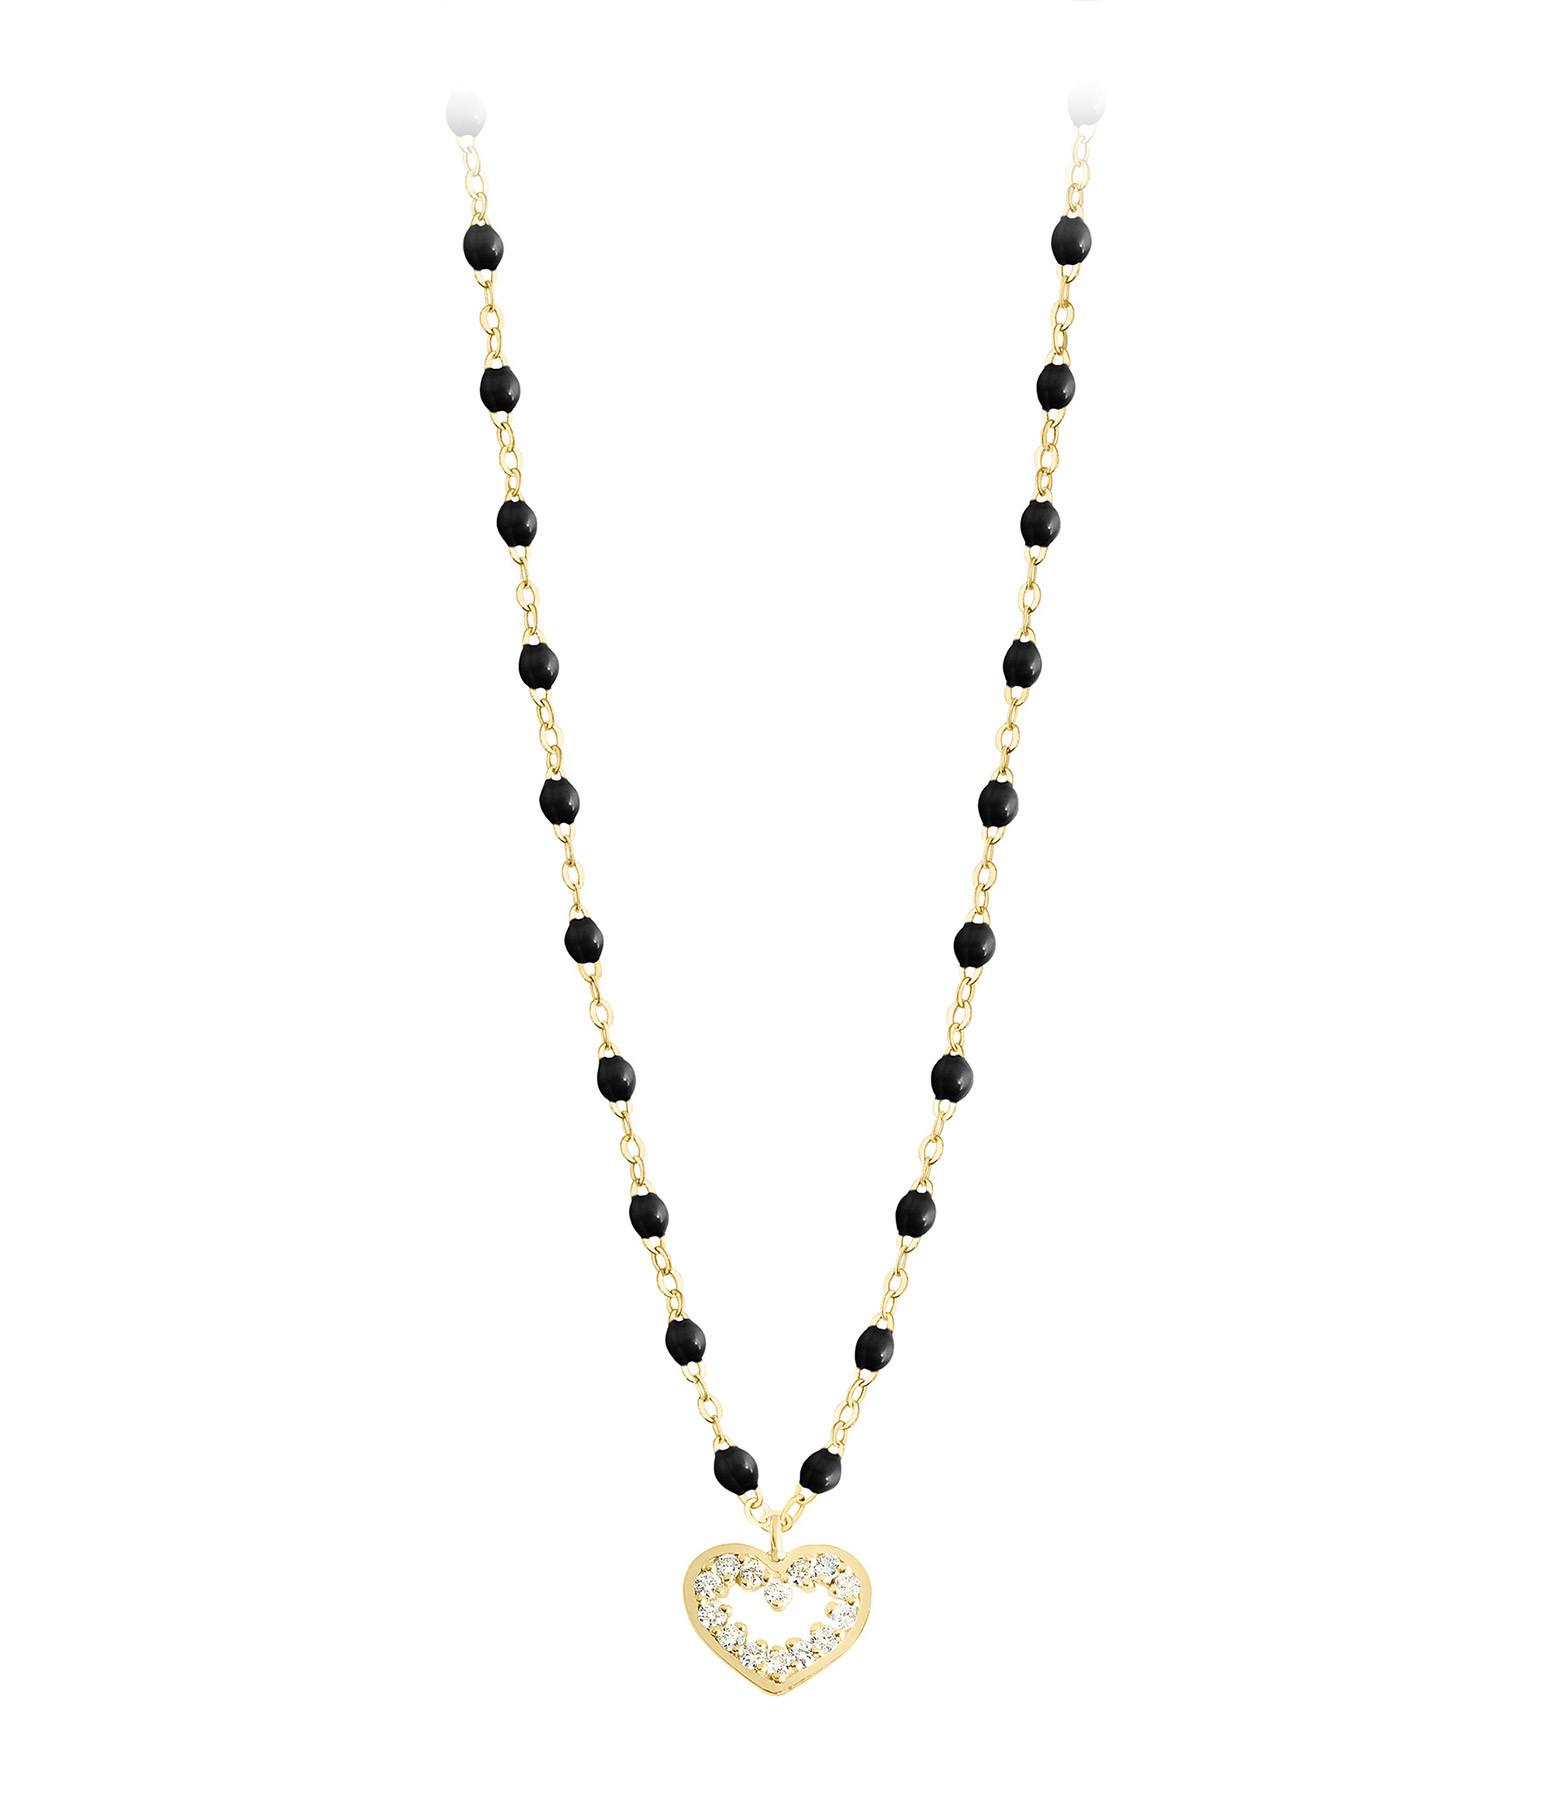 GIGI CLOZEAU - Collier Perles Résine Lucky Cœur Suprême Diamants Or Jaune